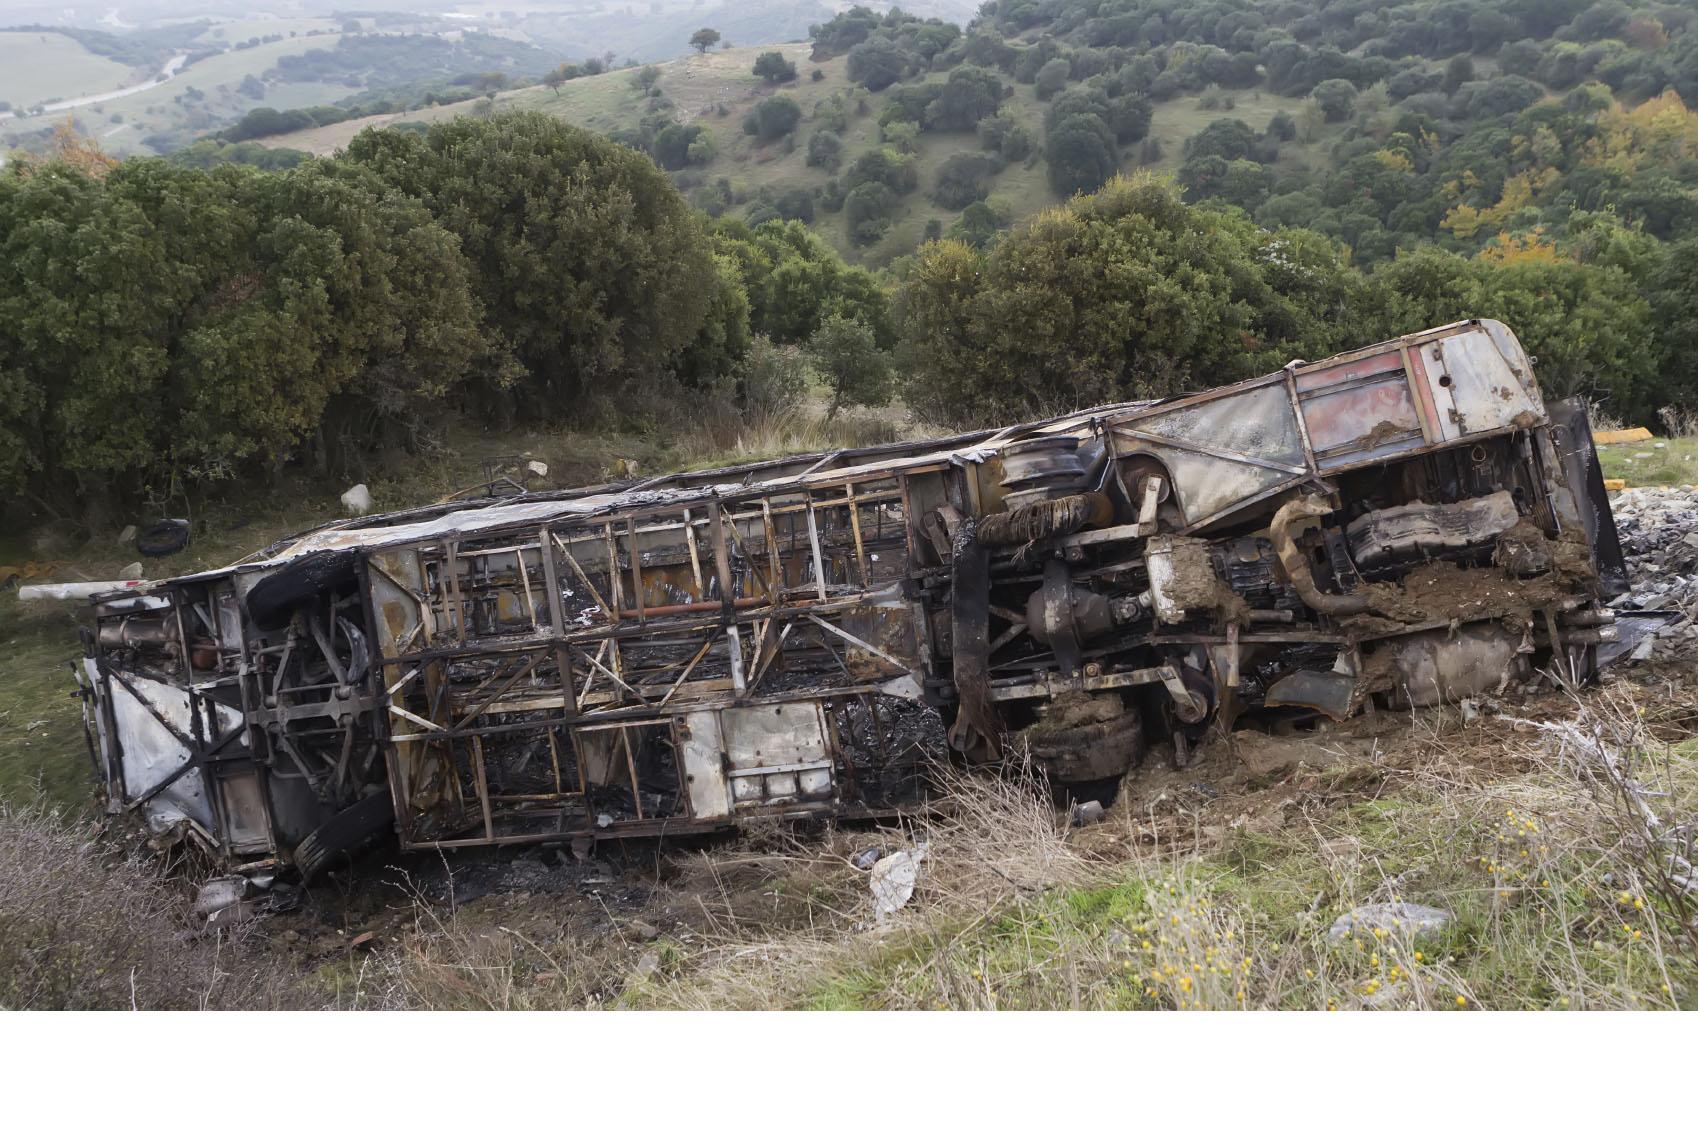 El autobús viajaba en la carretera Interamericana de Gauatemala cuando cayó en un barranco de 100 metros de profundidad